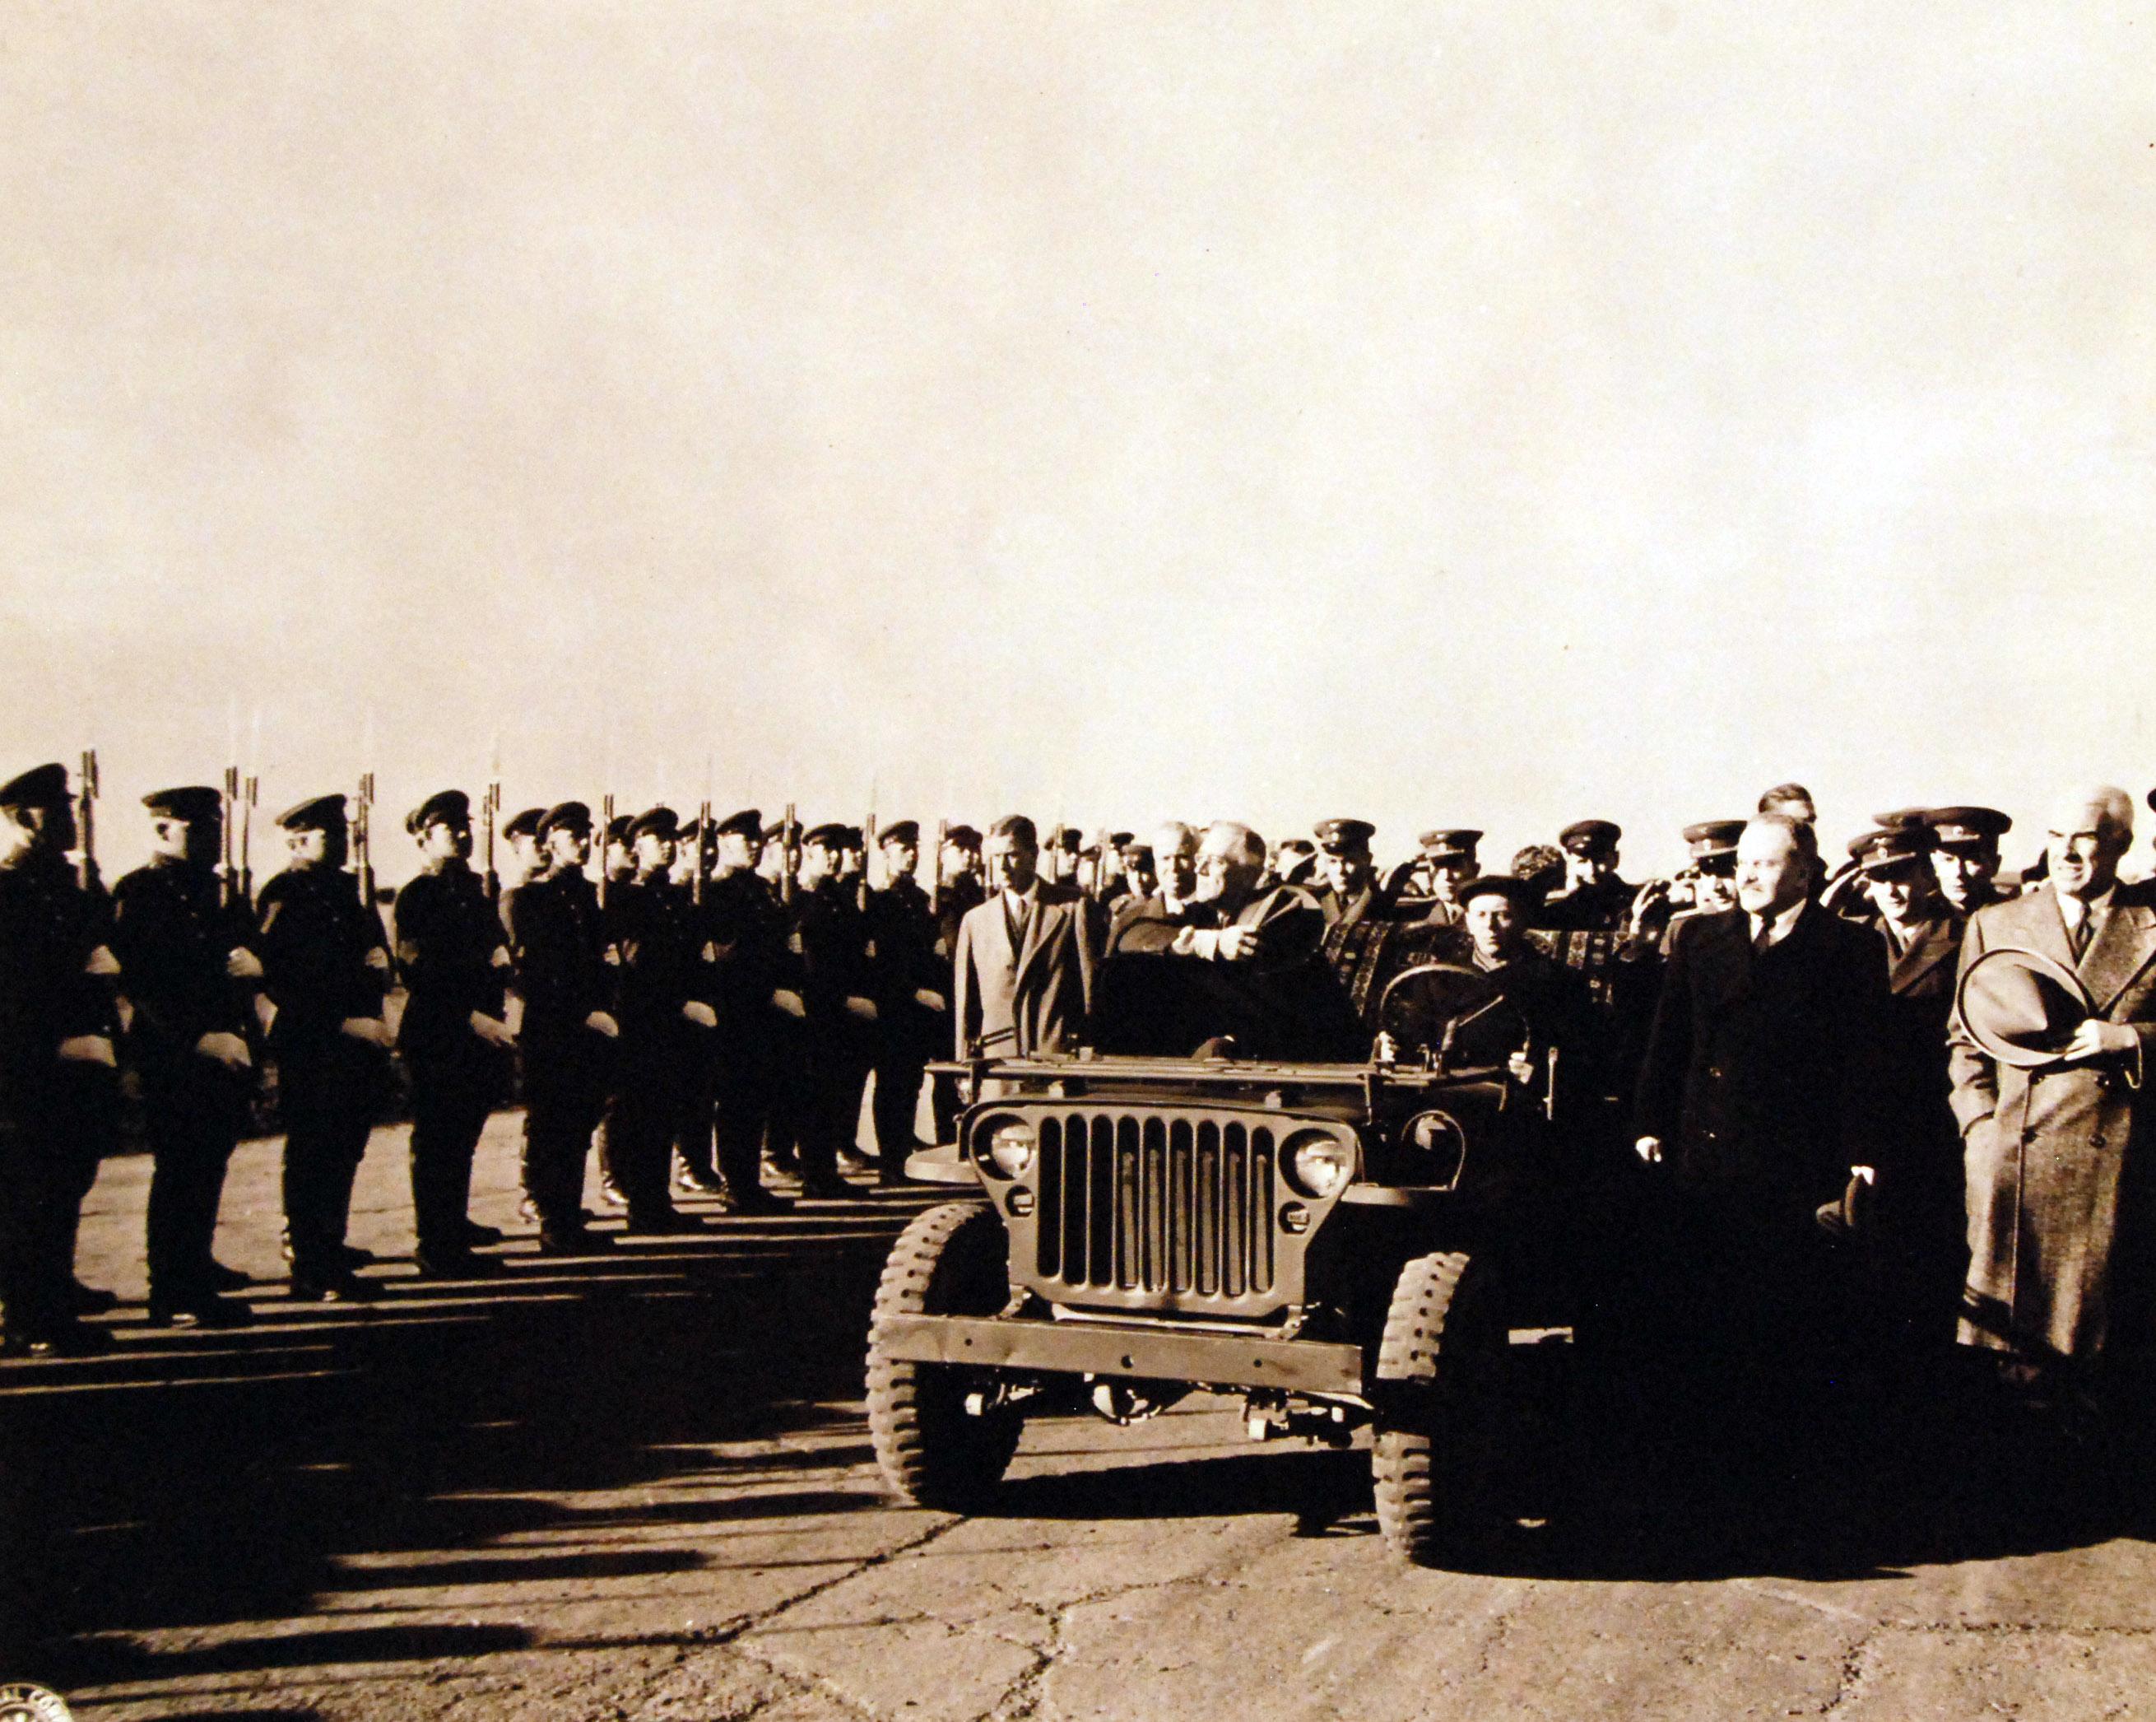 Президент Франклин Д. Рузвельт на джипе проезжает почетный караул в аэропорту